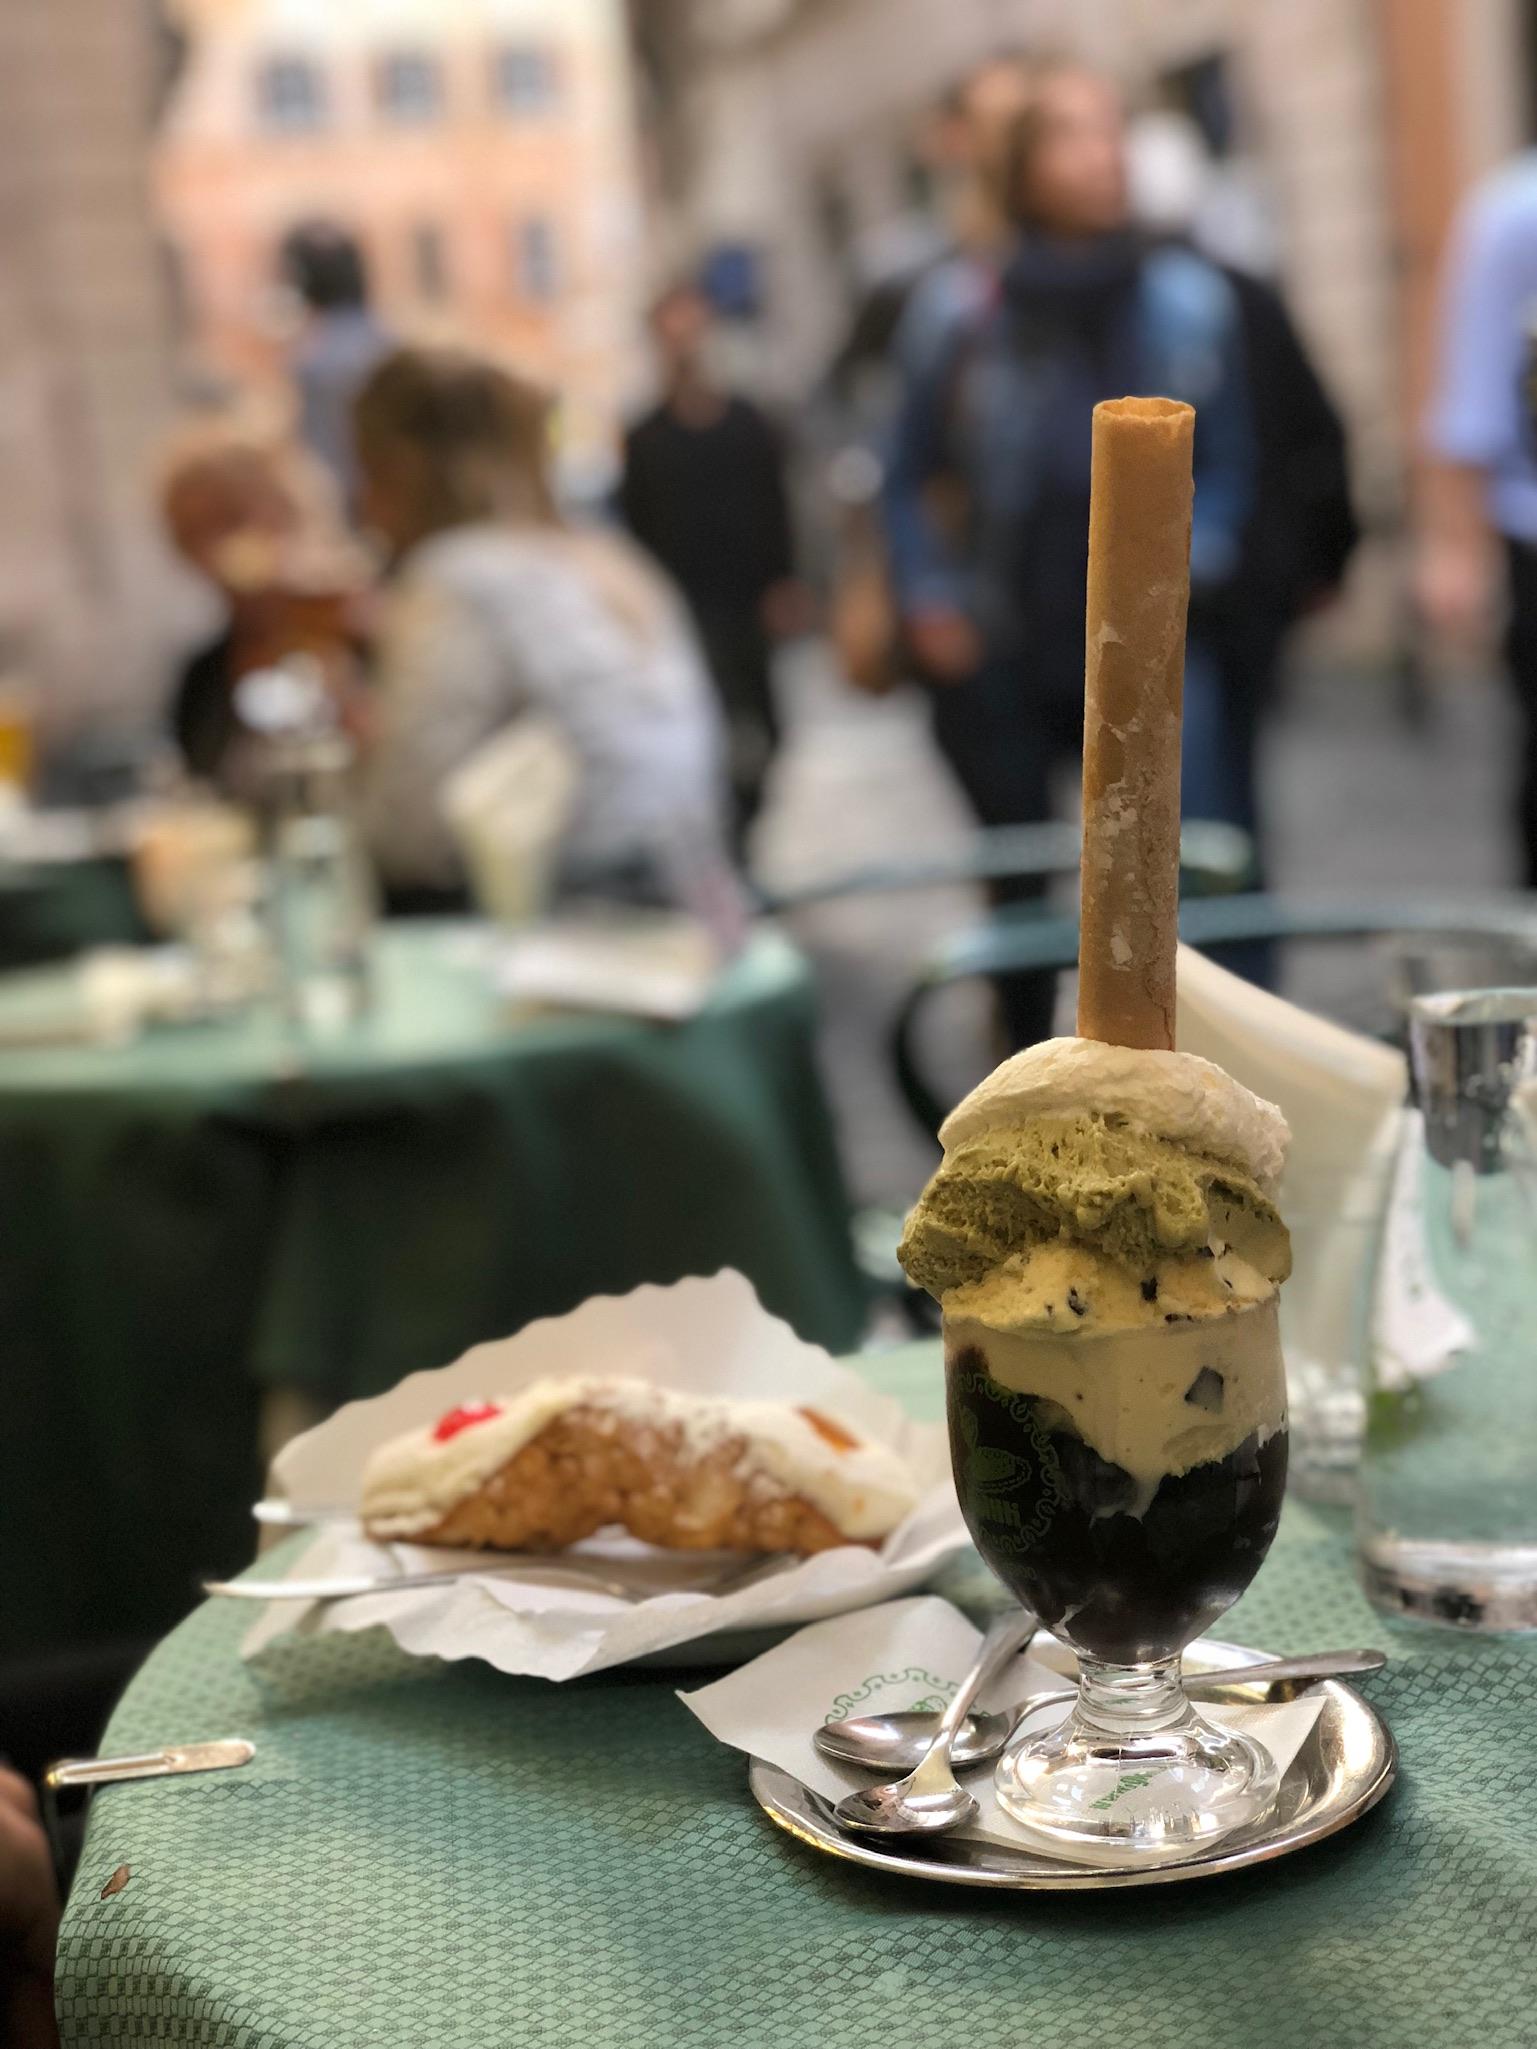 Gelato at Giolitti